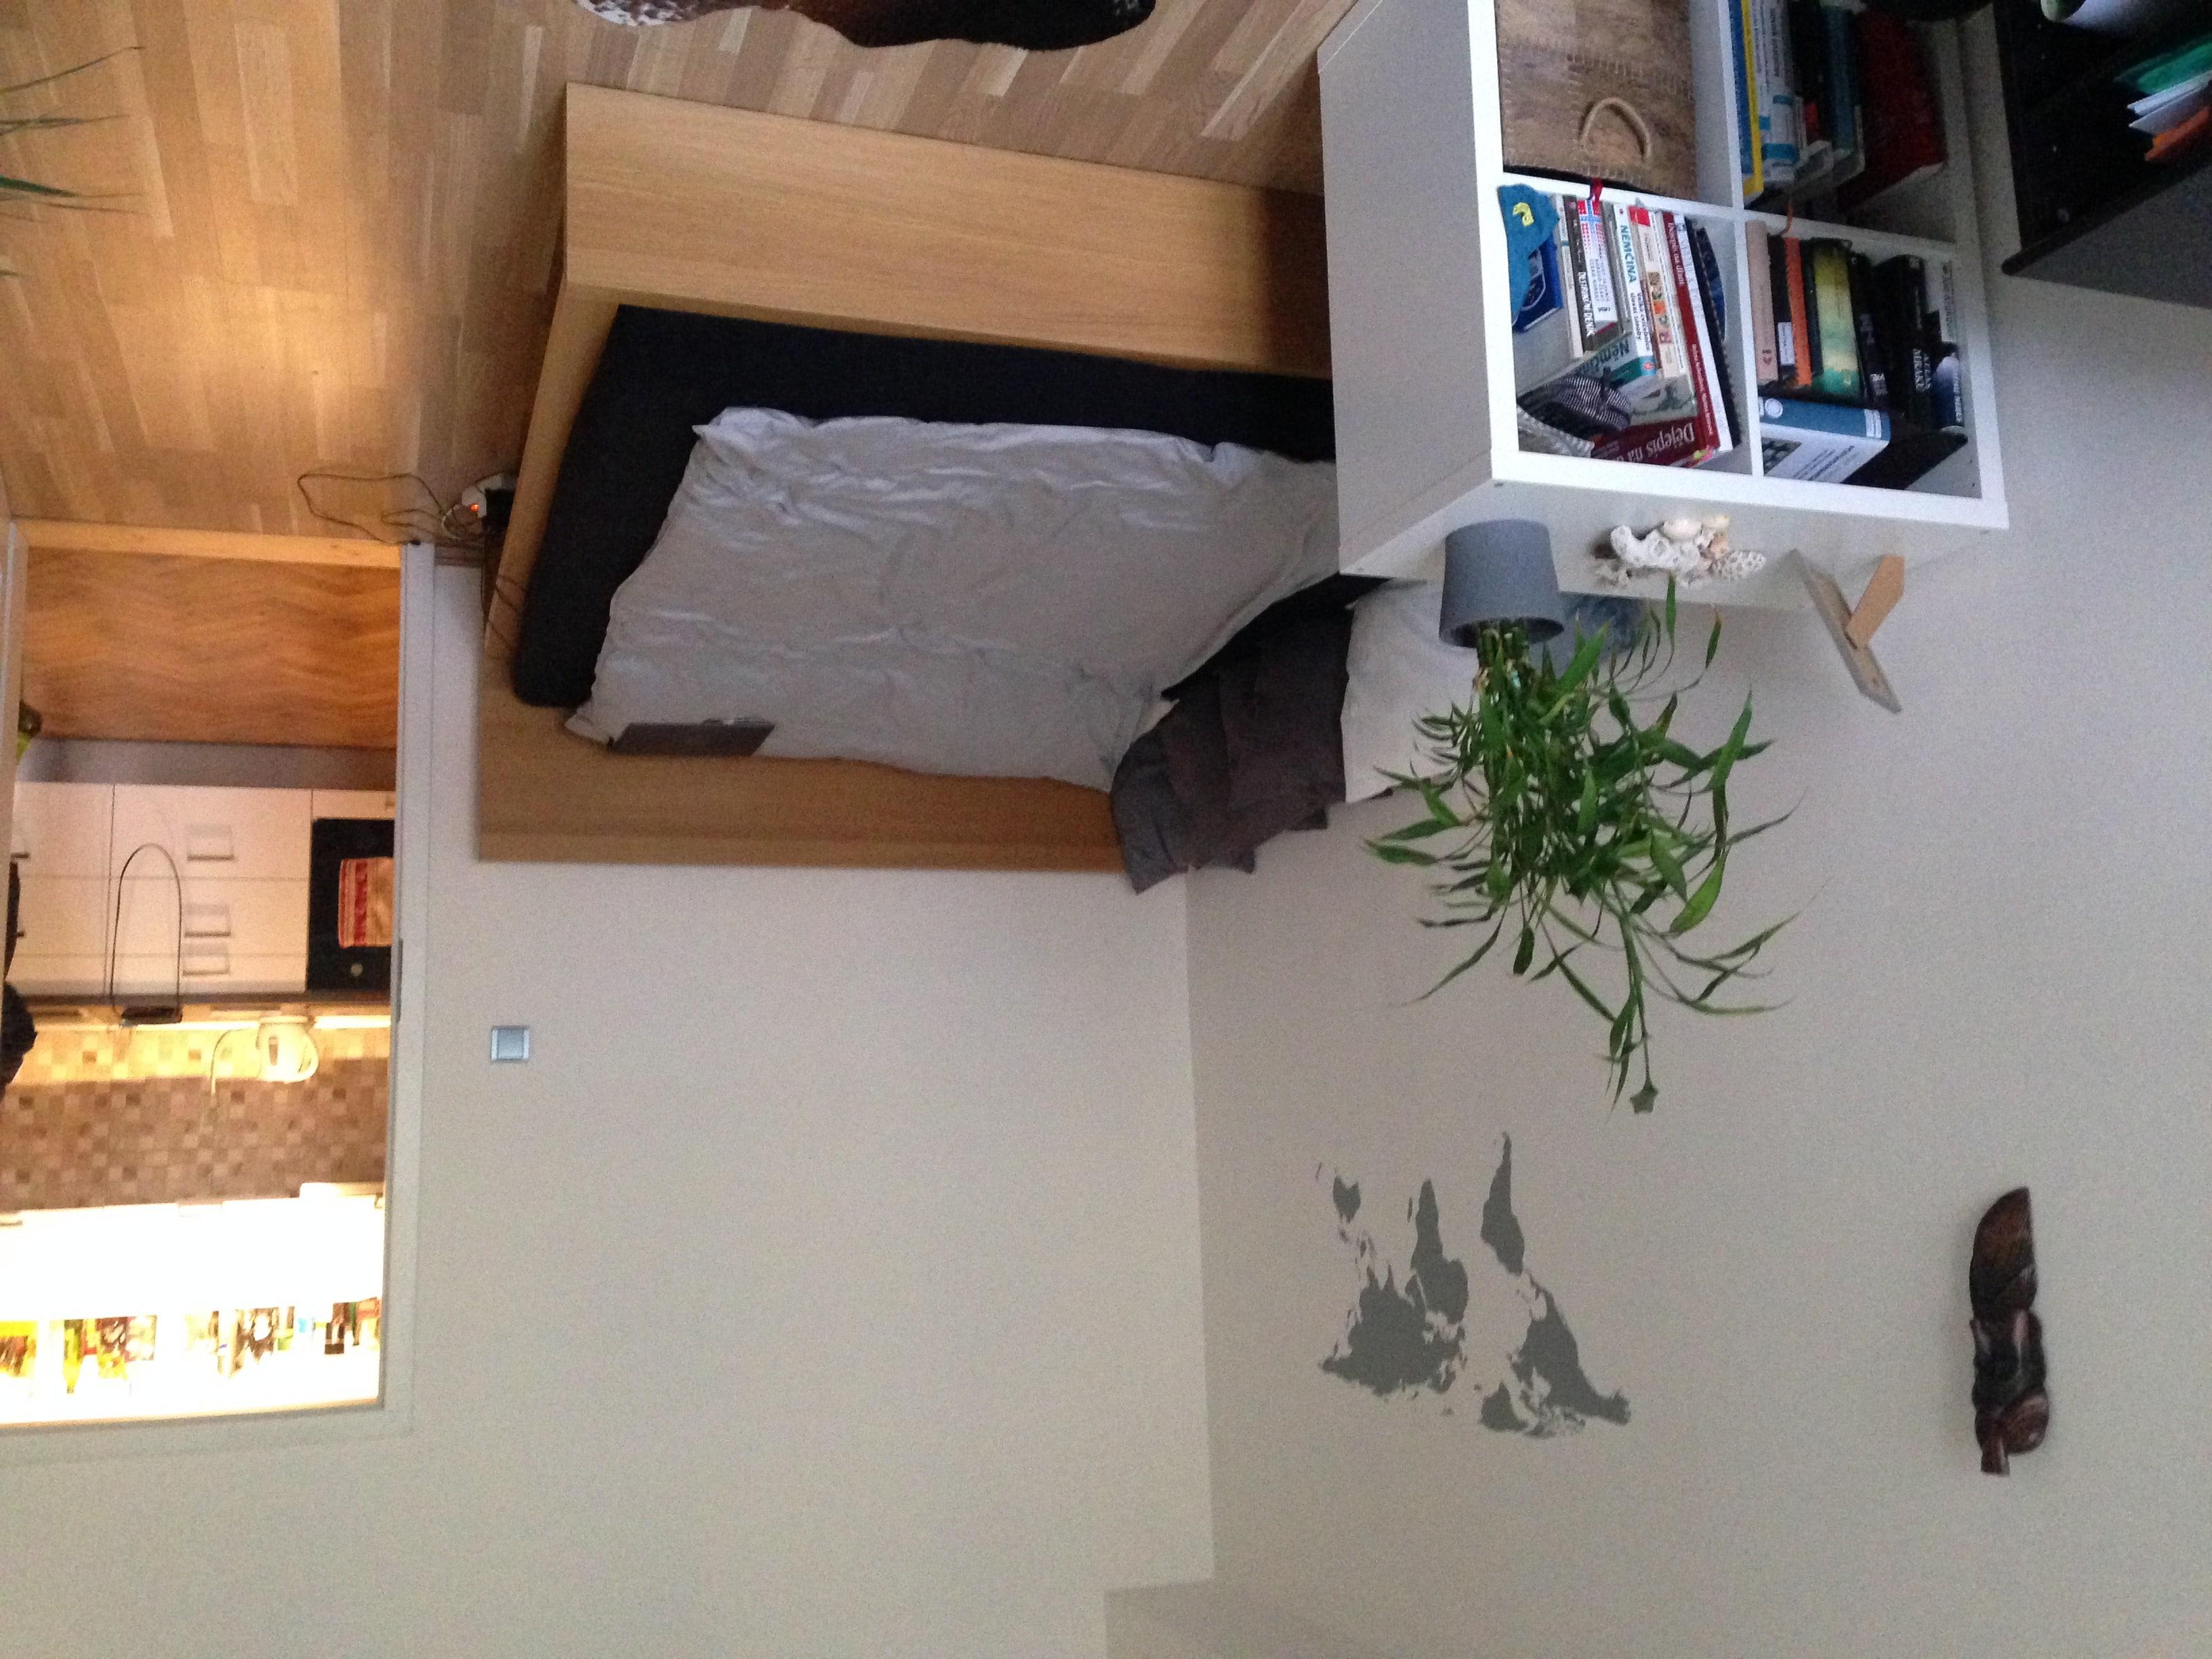 למכירה דירת 2 חדרים בגודל 52 מר בשכונת ז'יז'קוב א (7)